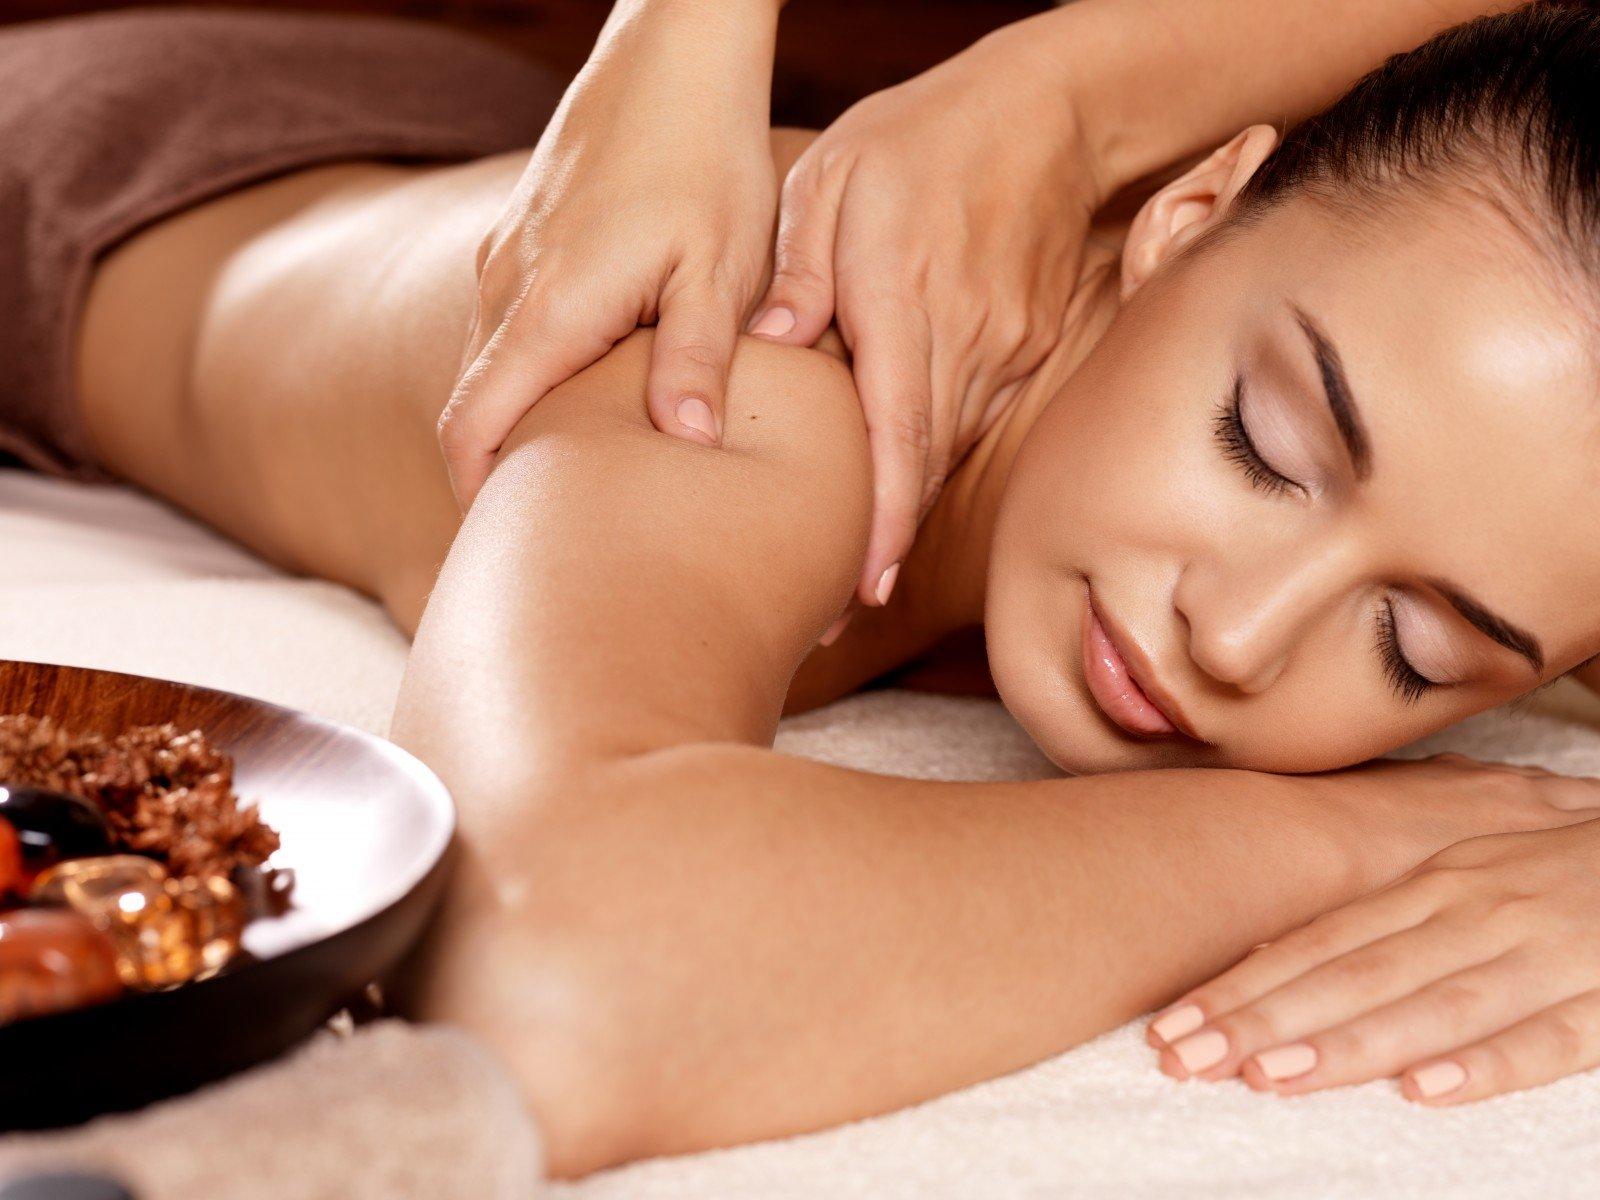 Sekso patarimai: prostatos masažas   liberoblius.lt